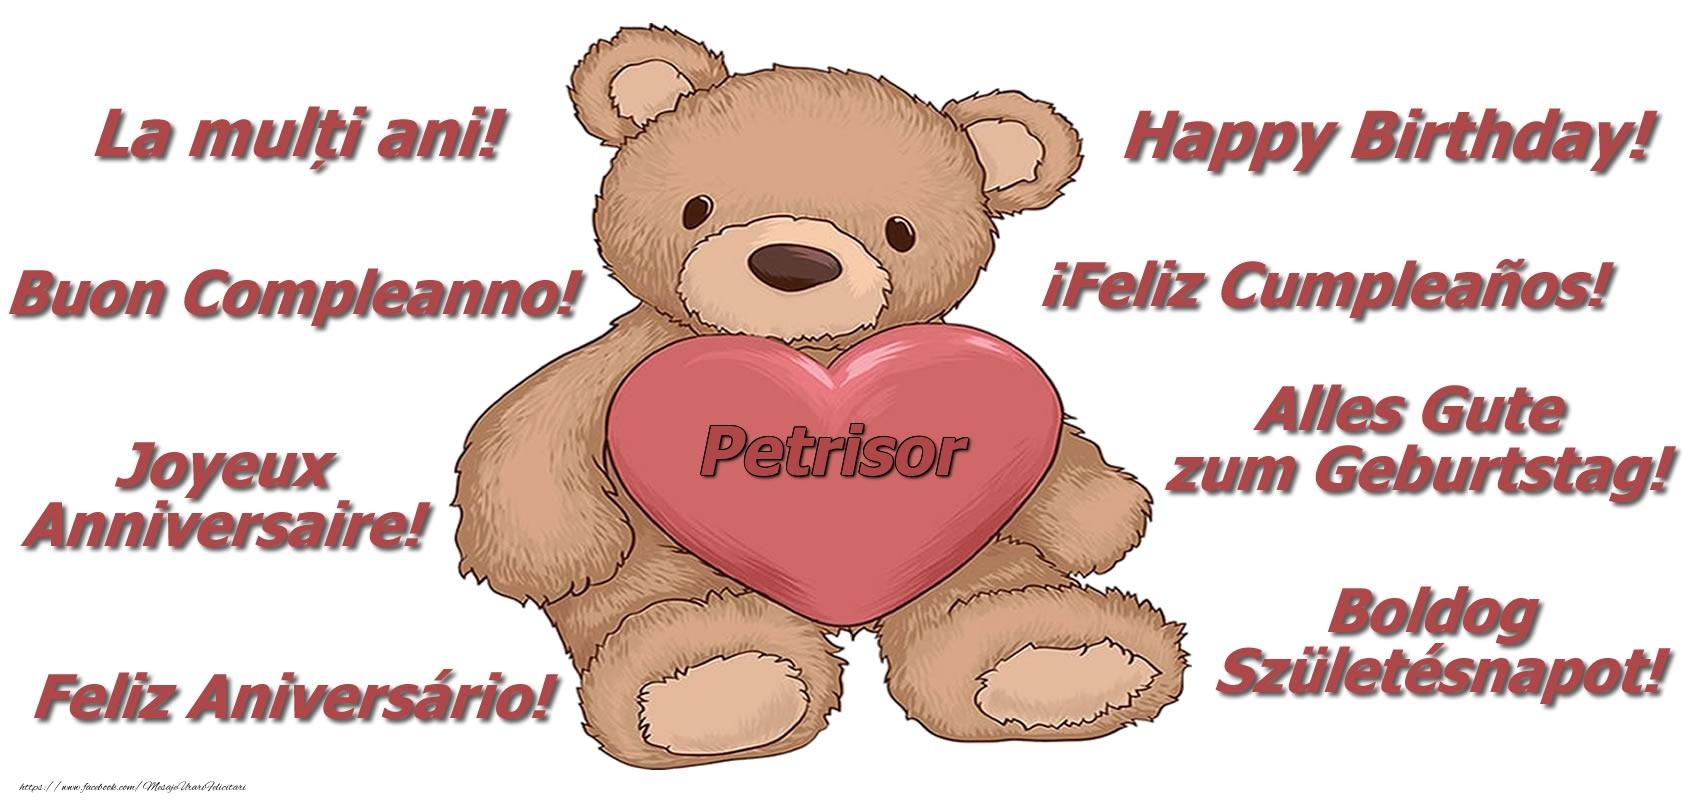 Felicitari de zi de nastere - La multi ani Petrisor! - Ursulet